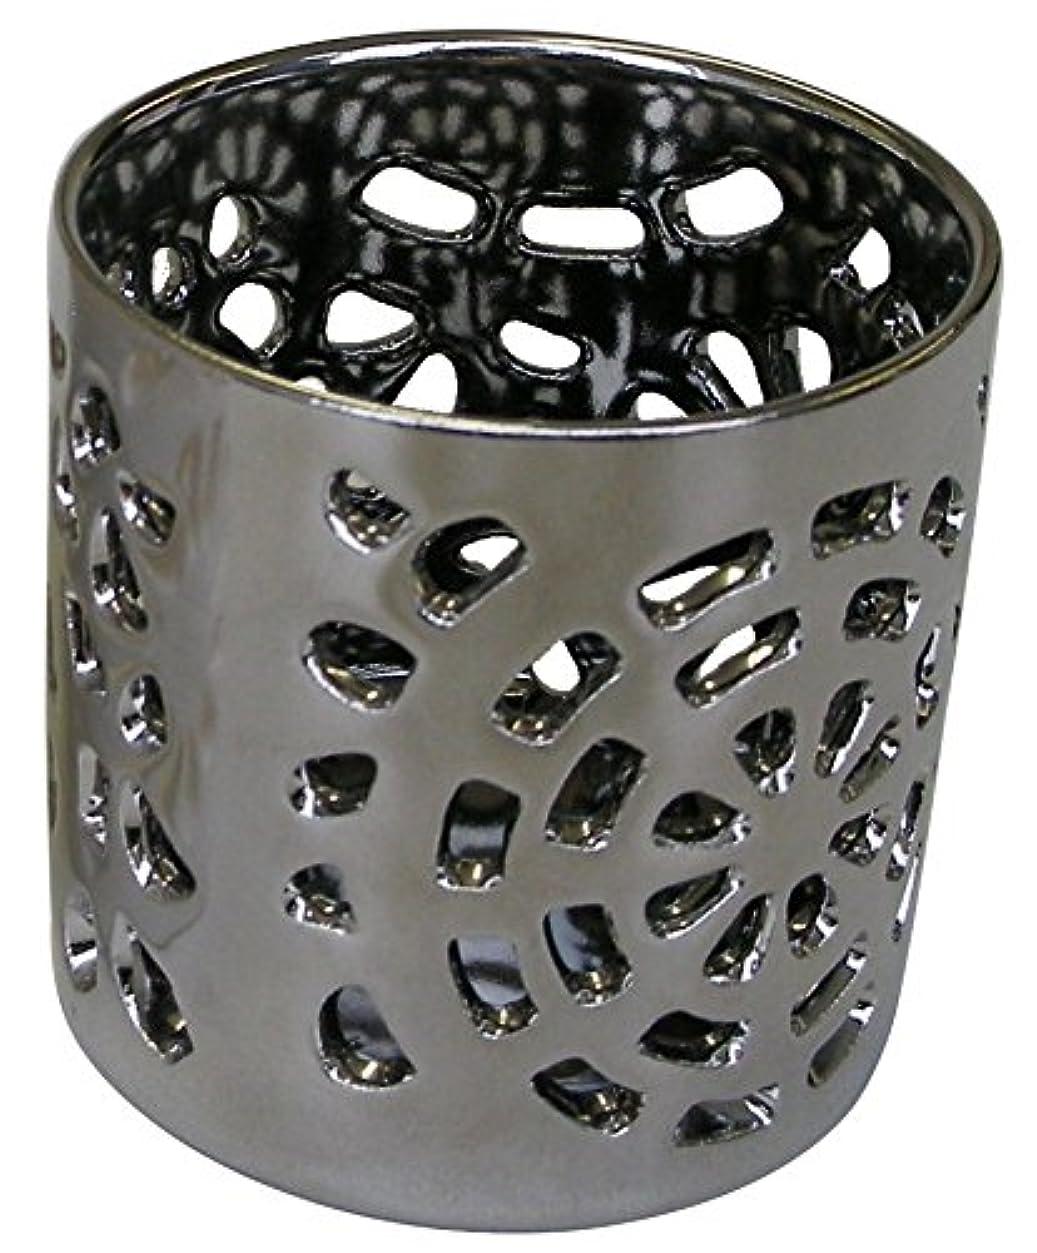 逆更新するアンティークマルエス 陶器製 燭台 月輪 シルバー